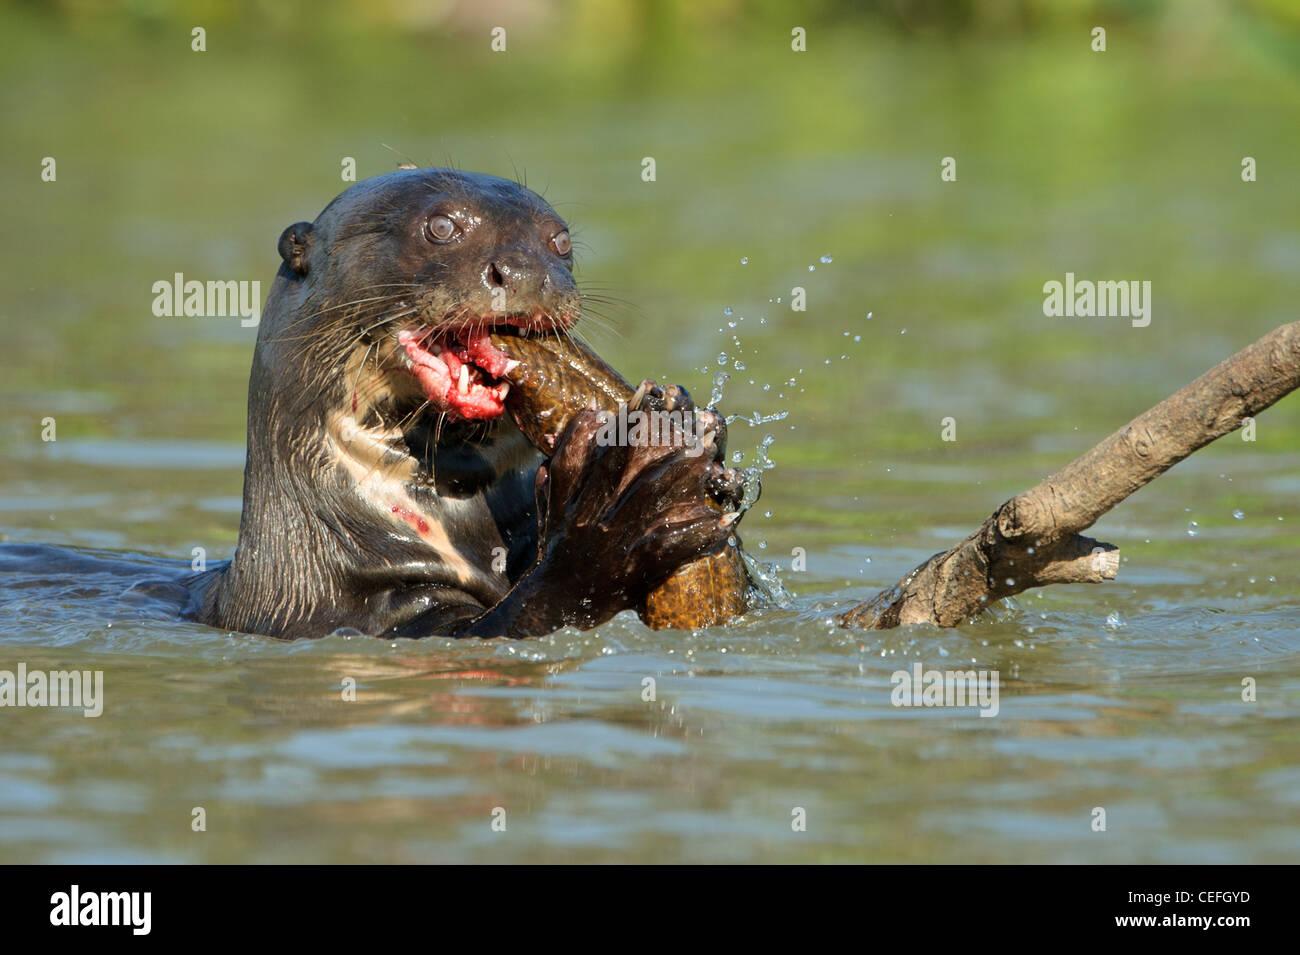 Un géant de la loutre de rivière sauvage à se nourrir de poissons Banque D'Images